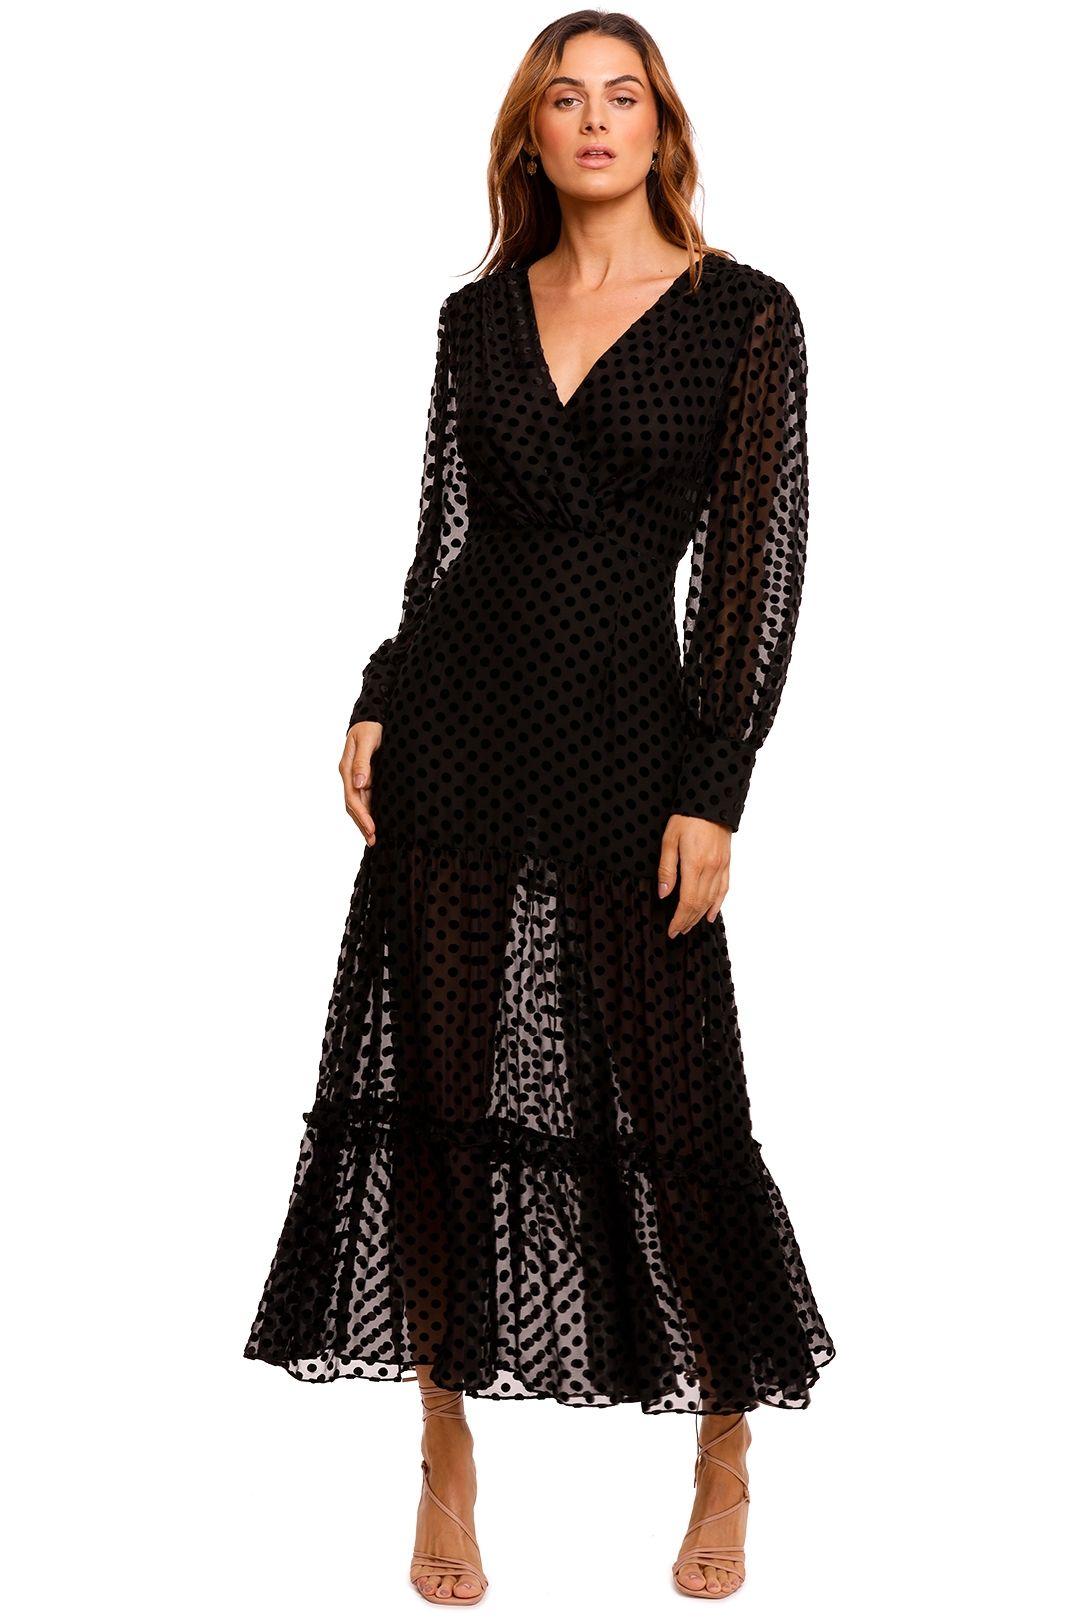 Rixo London Elsie Velvet Wrap Top Dress midi